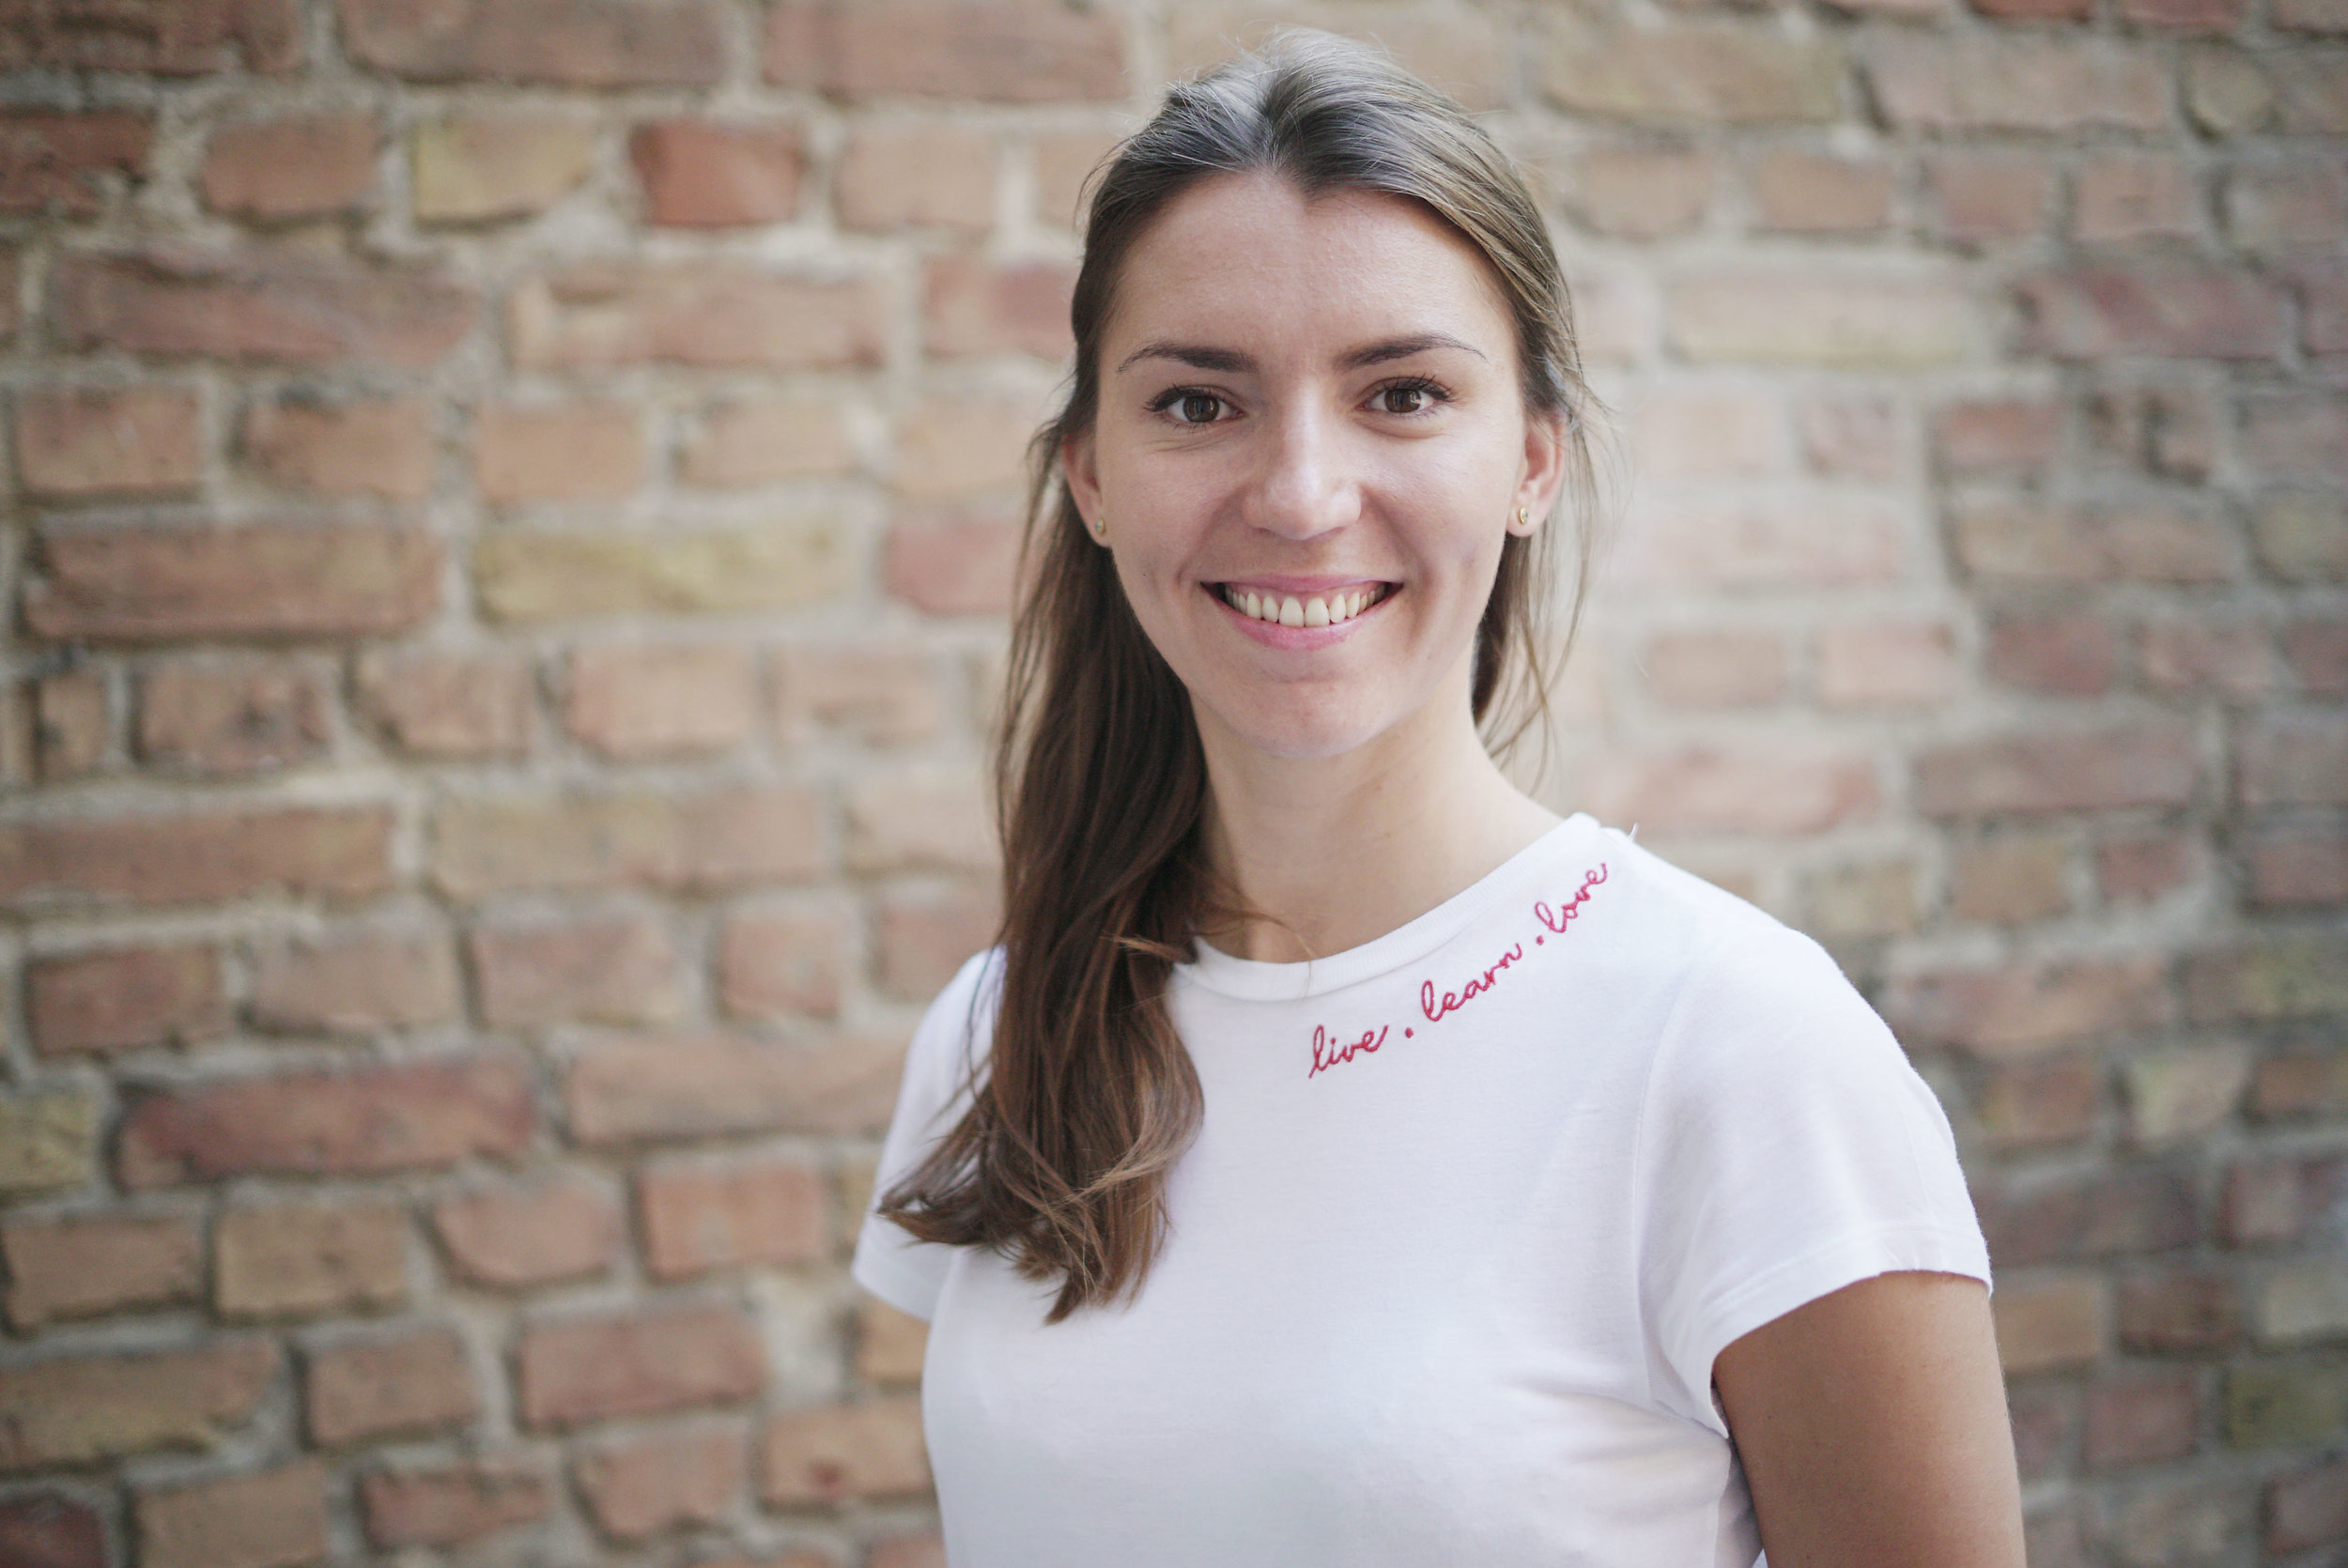 Анна Яковлева, глава HR-отдела    Adjust   . Компания имеет офисы по всему миру и занимается анализом активности в мобильных приложениях.